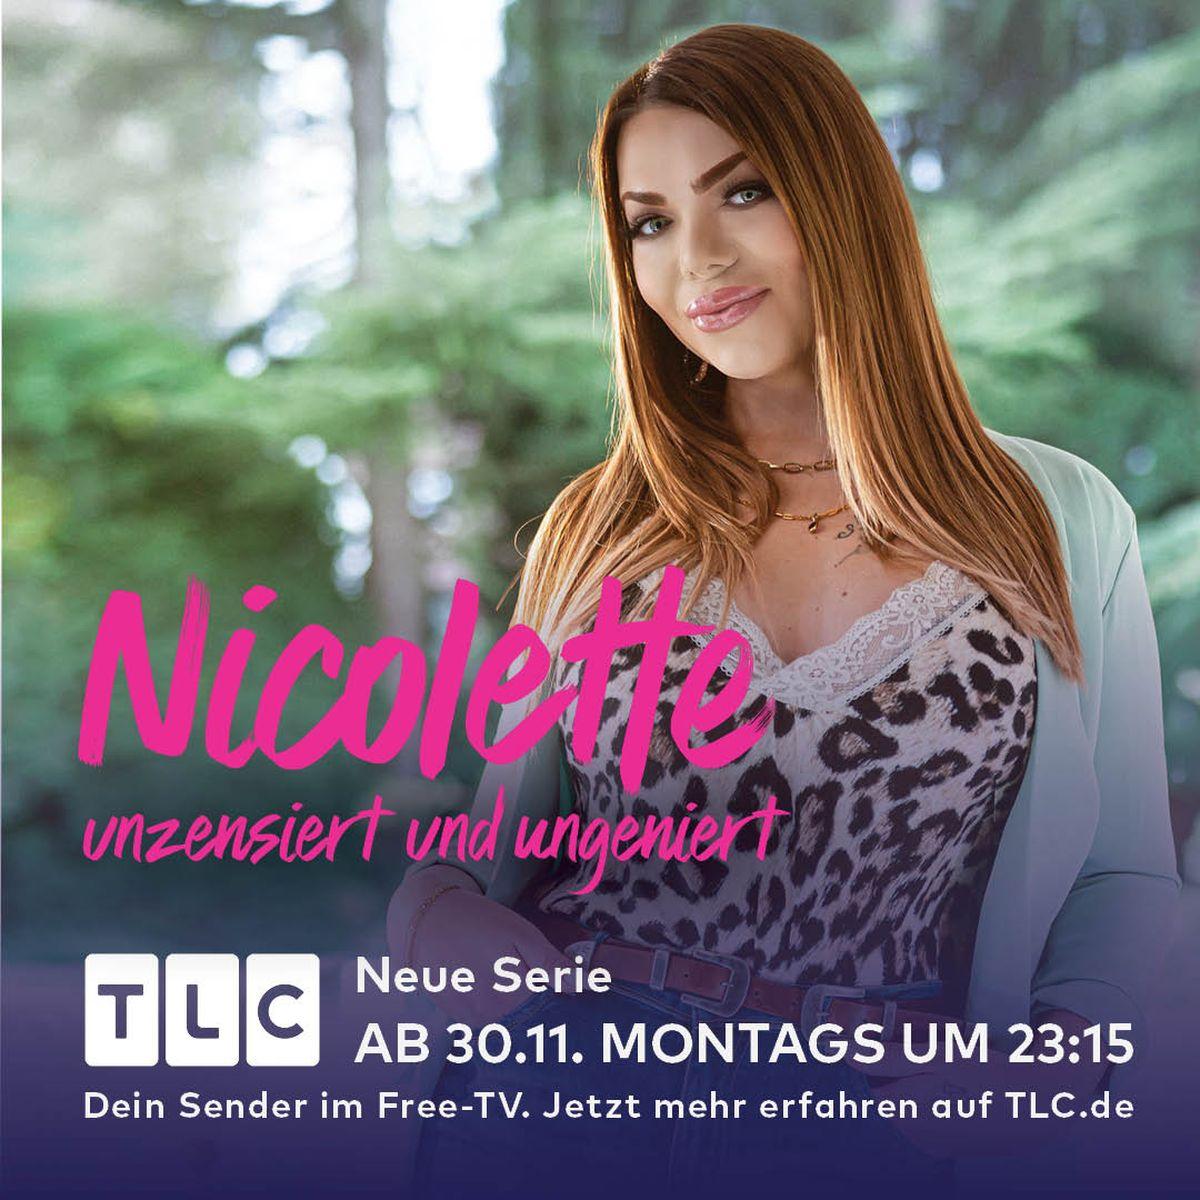 TLC: Nicolette – Unzensiert und ungeniert